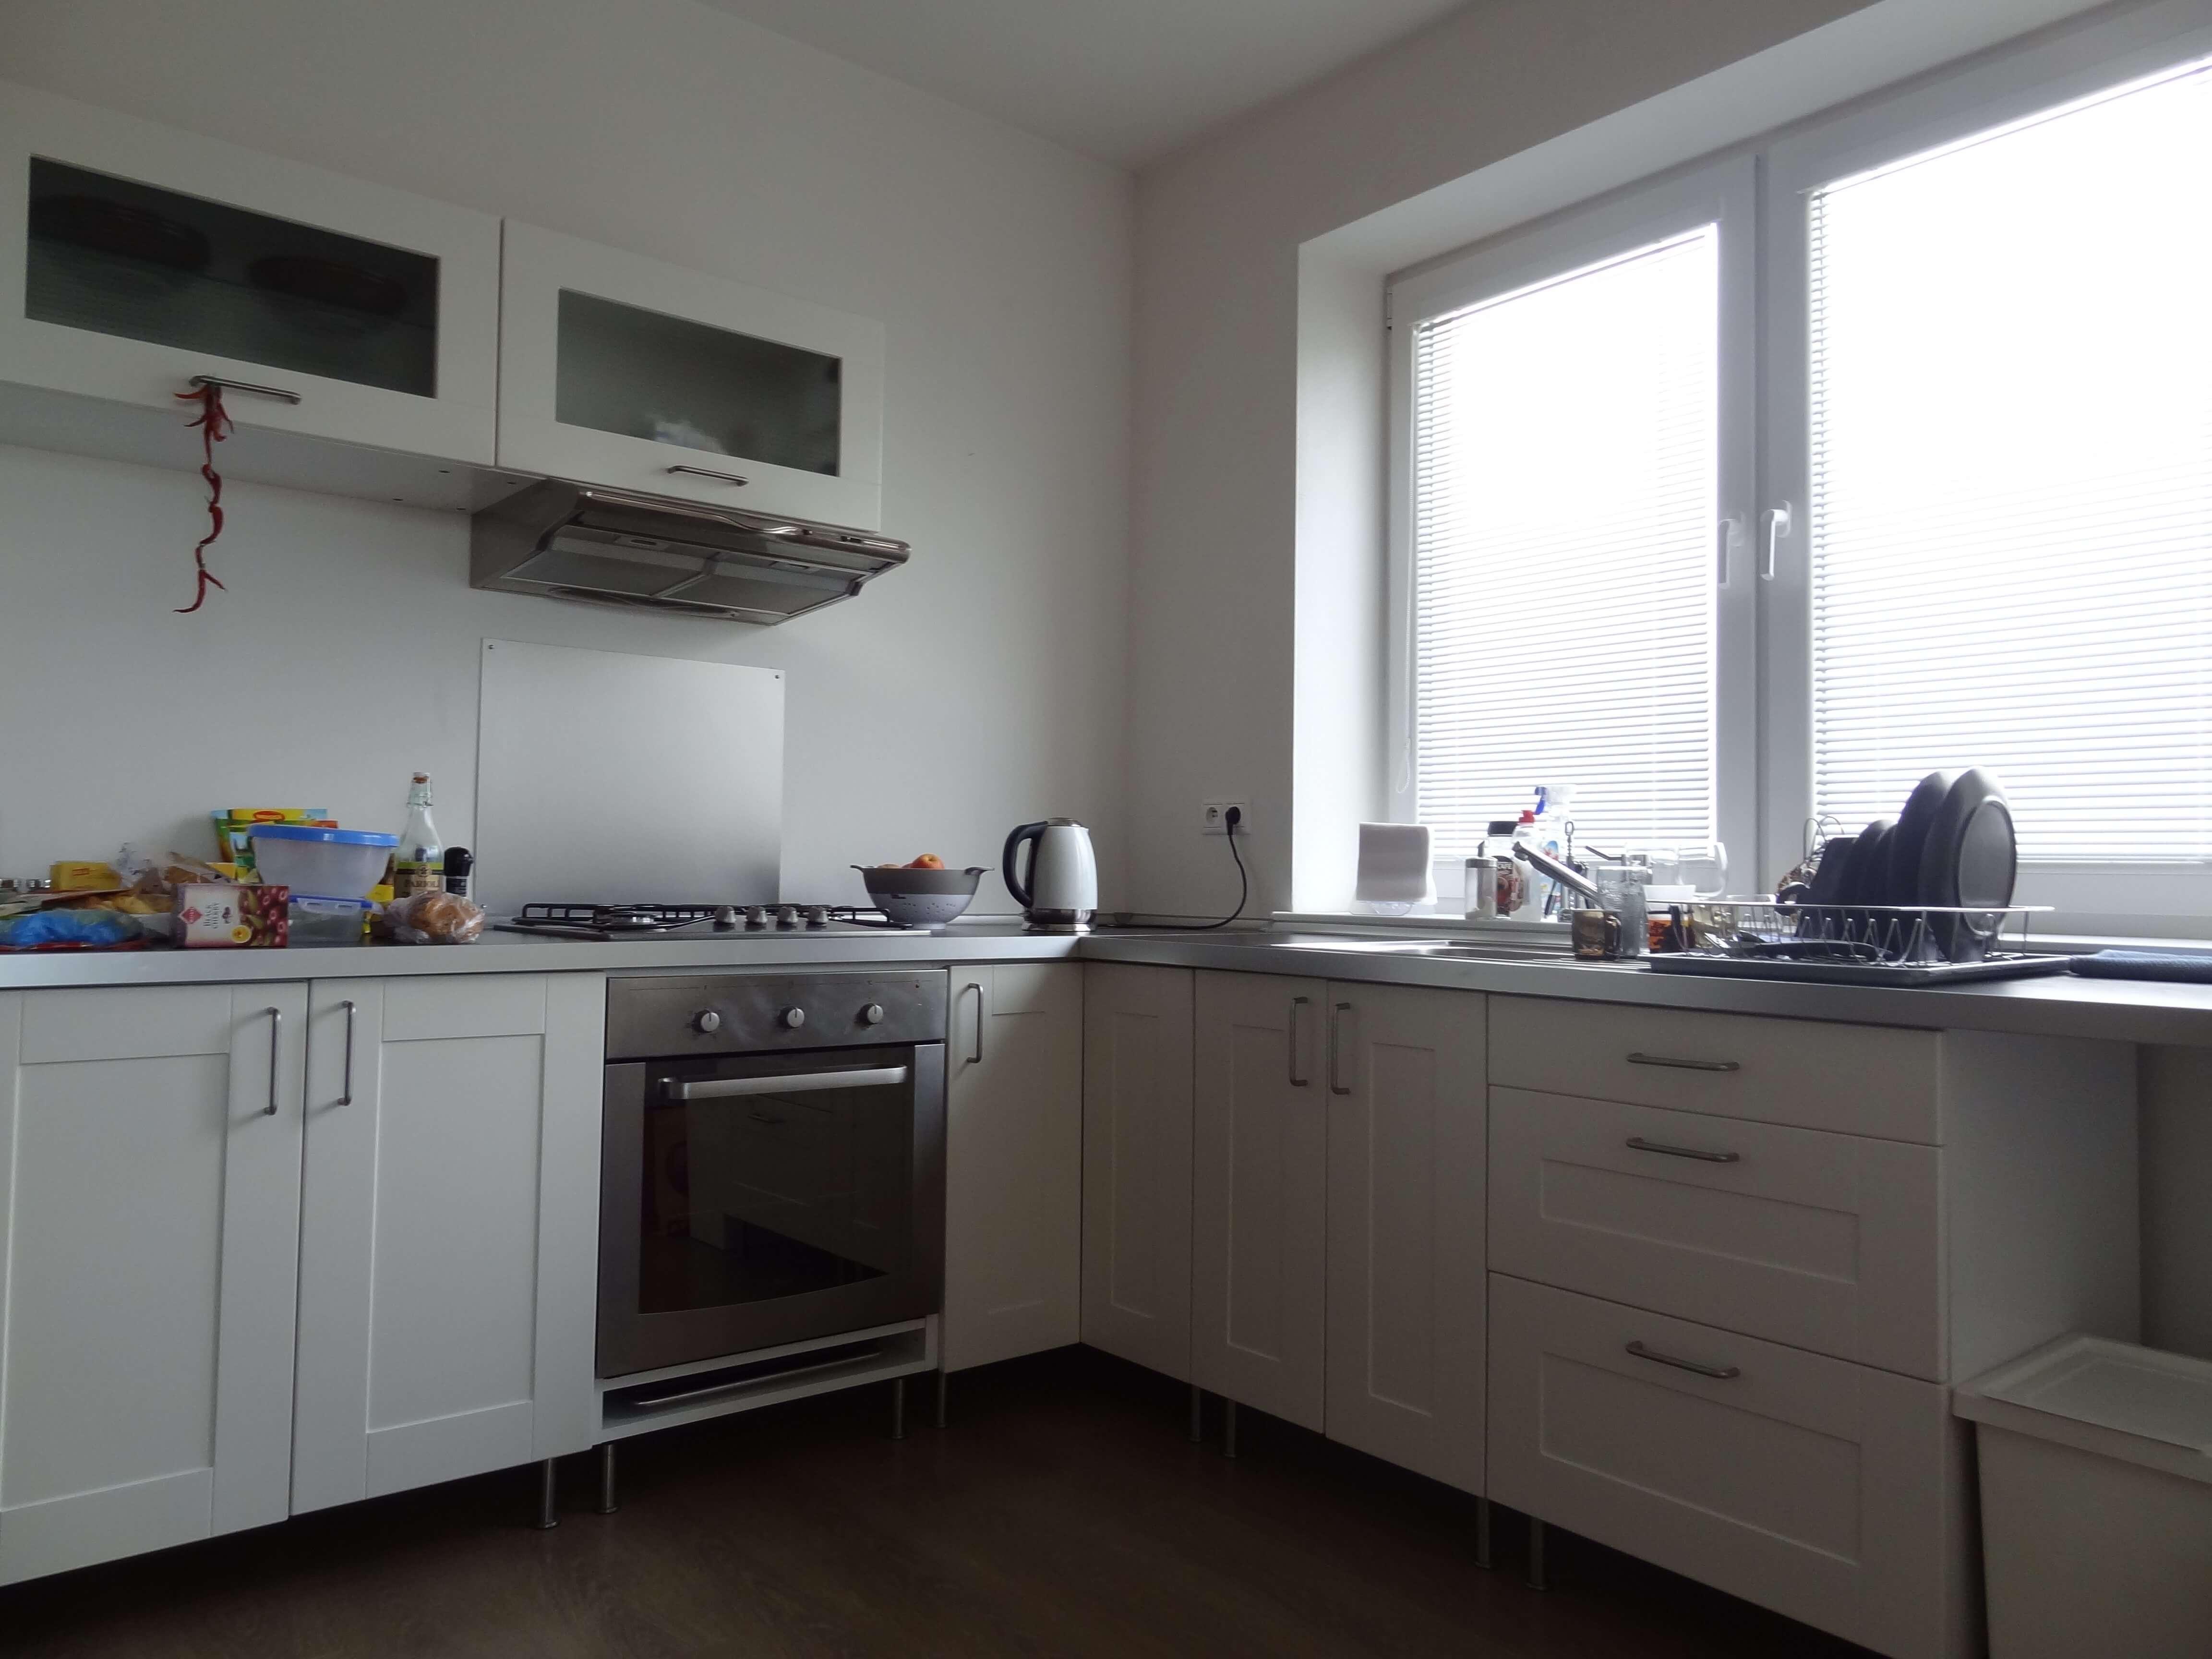 Rezervovaný: Exkluzívne na predaj 3 Izbový byt v novostavbe, 87,2m2, loggia 7,4m2, Družstevná, Hamuliakovo-6